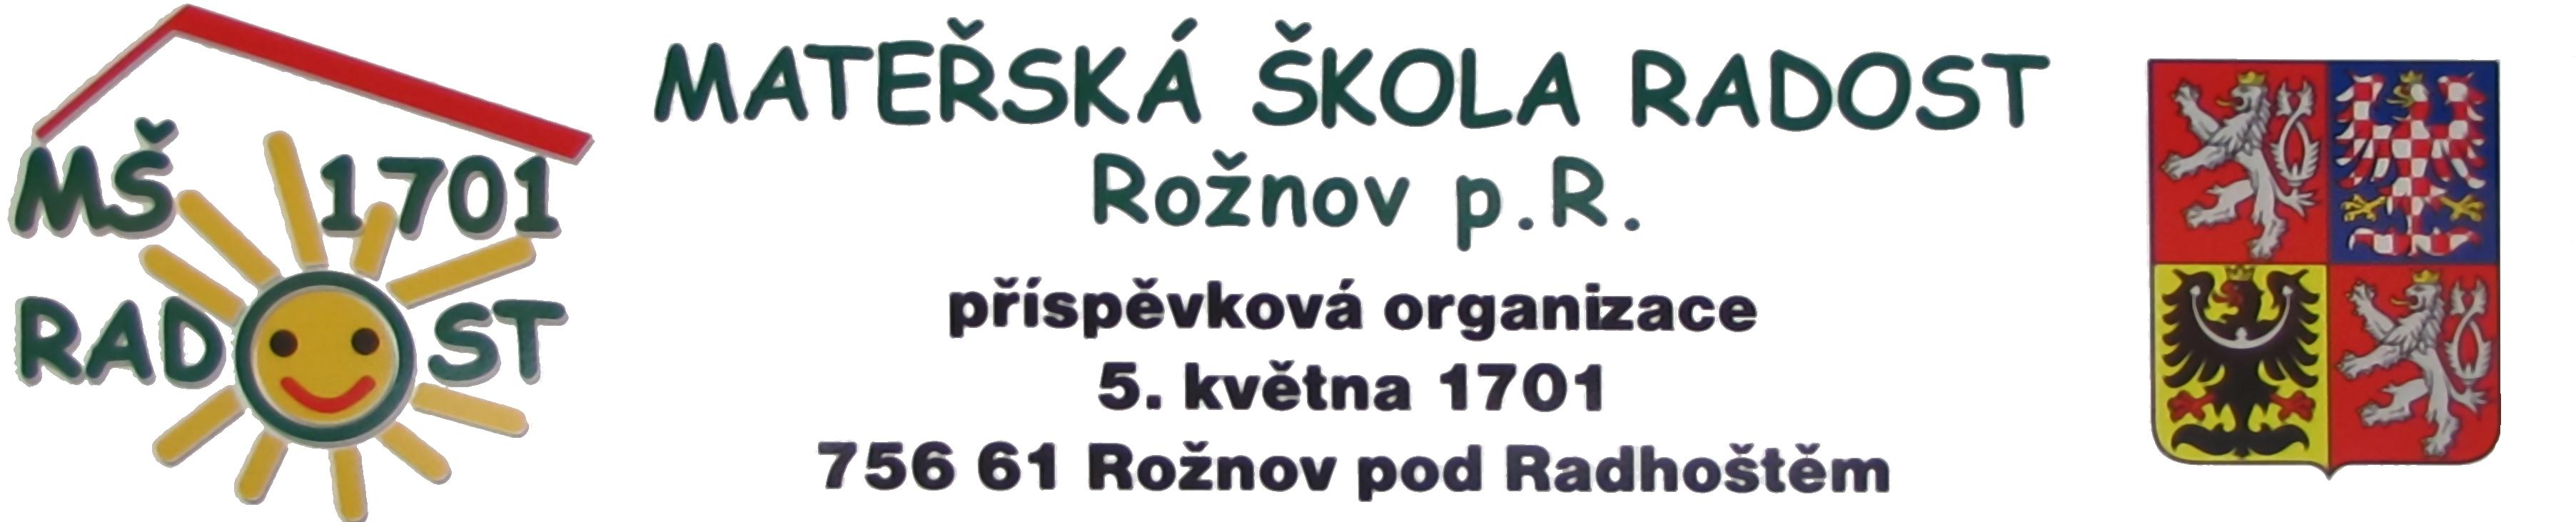 Mateřská škola Radost, Rožnov p. R.